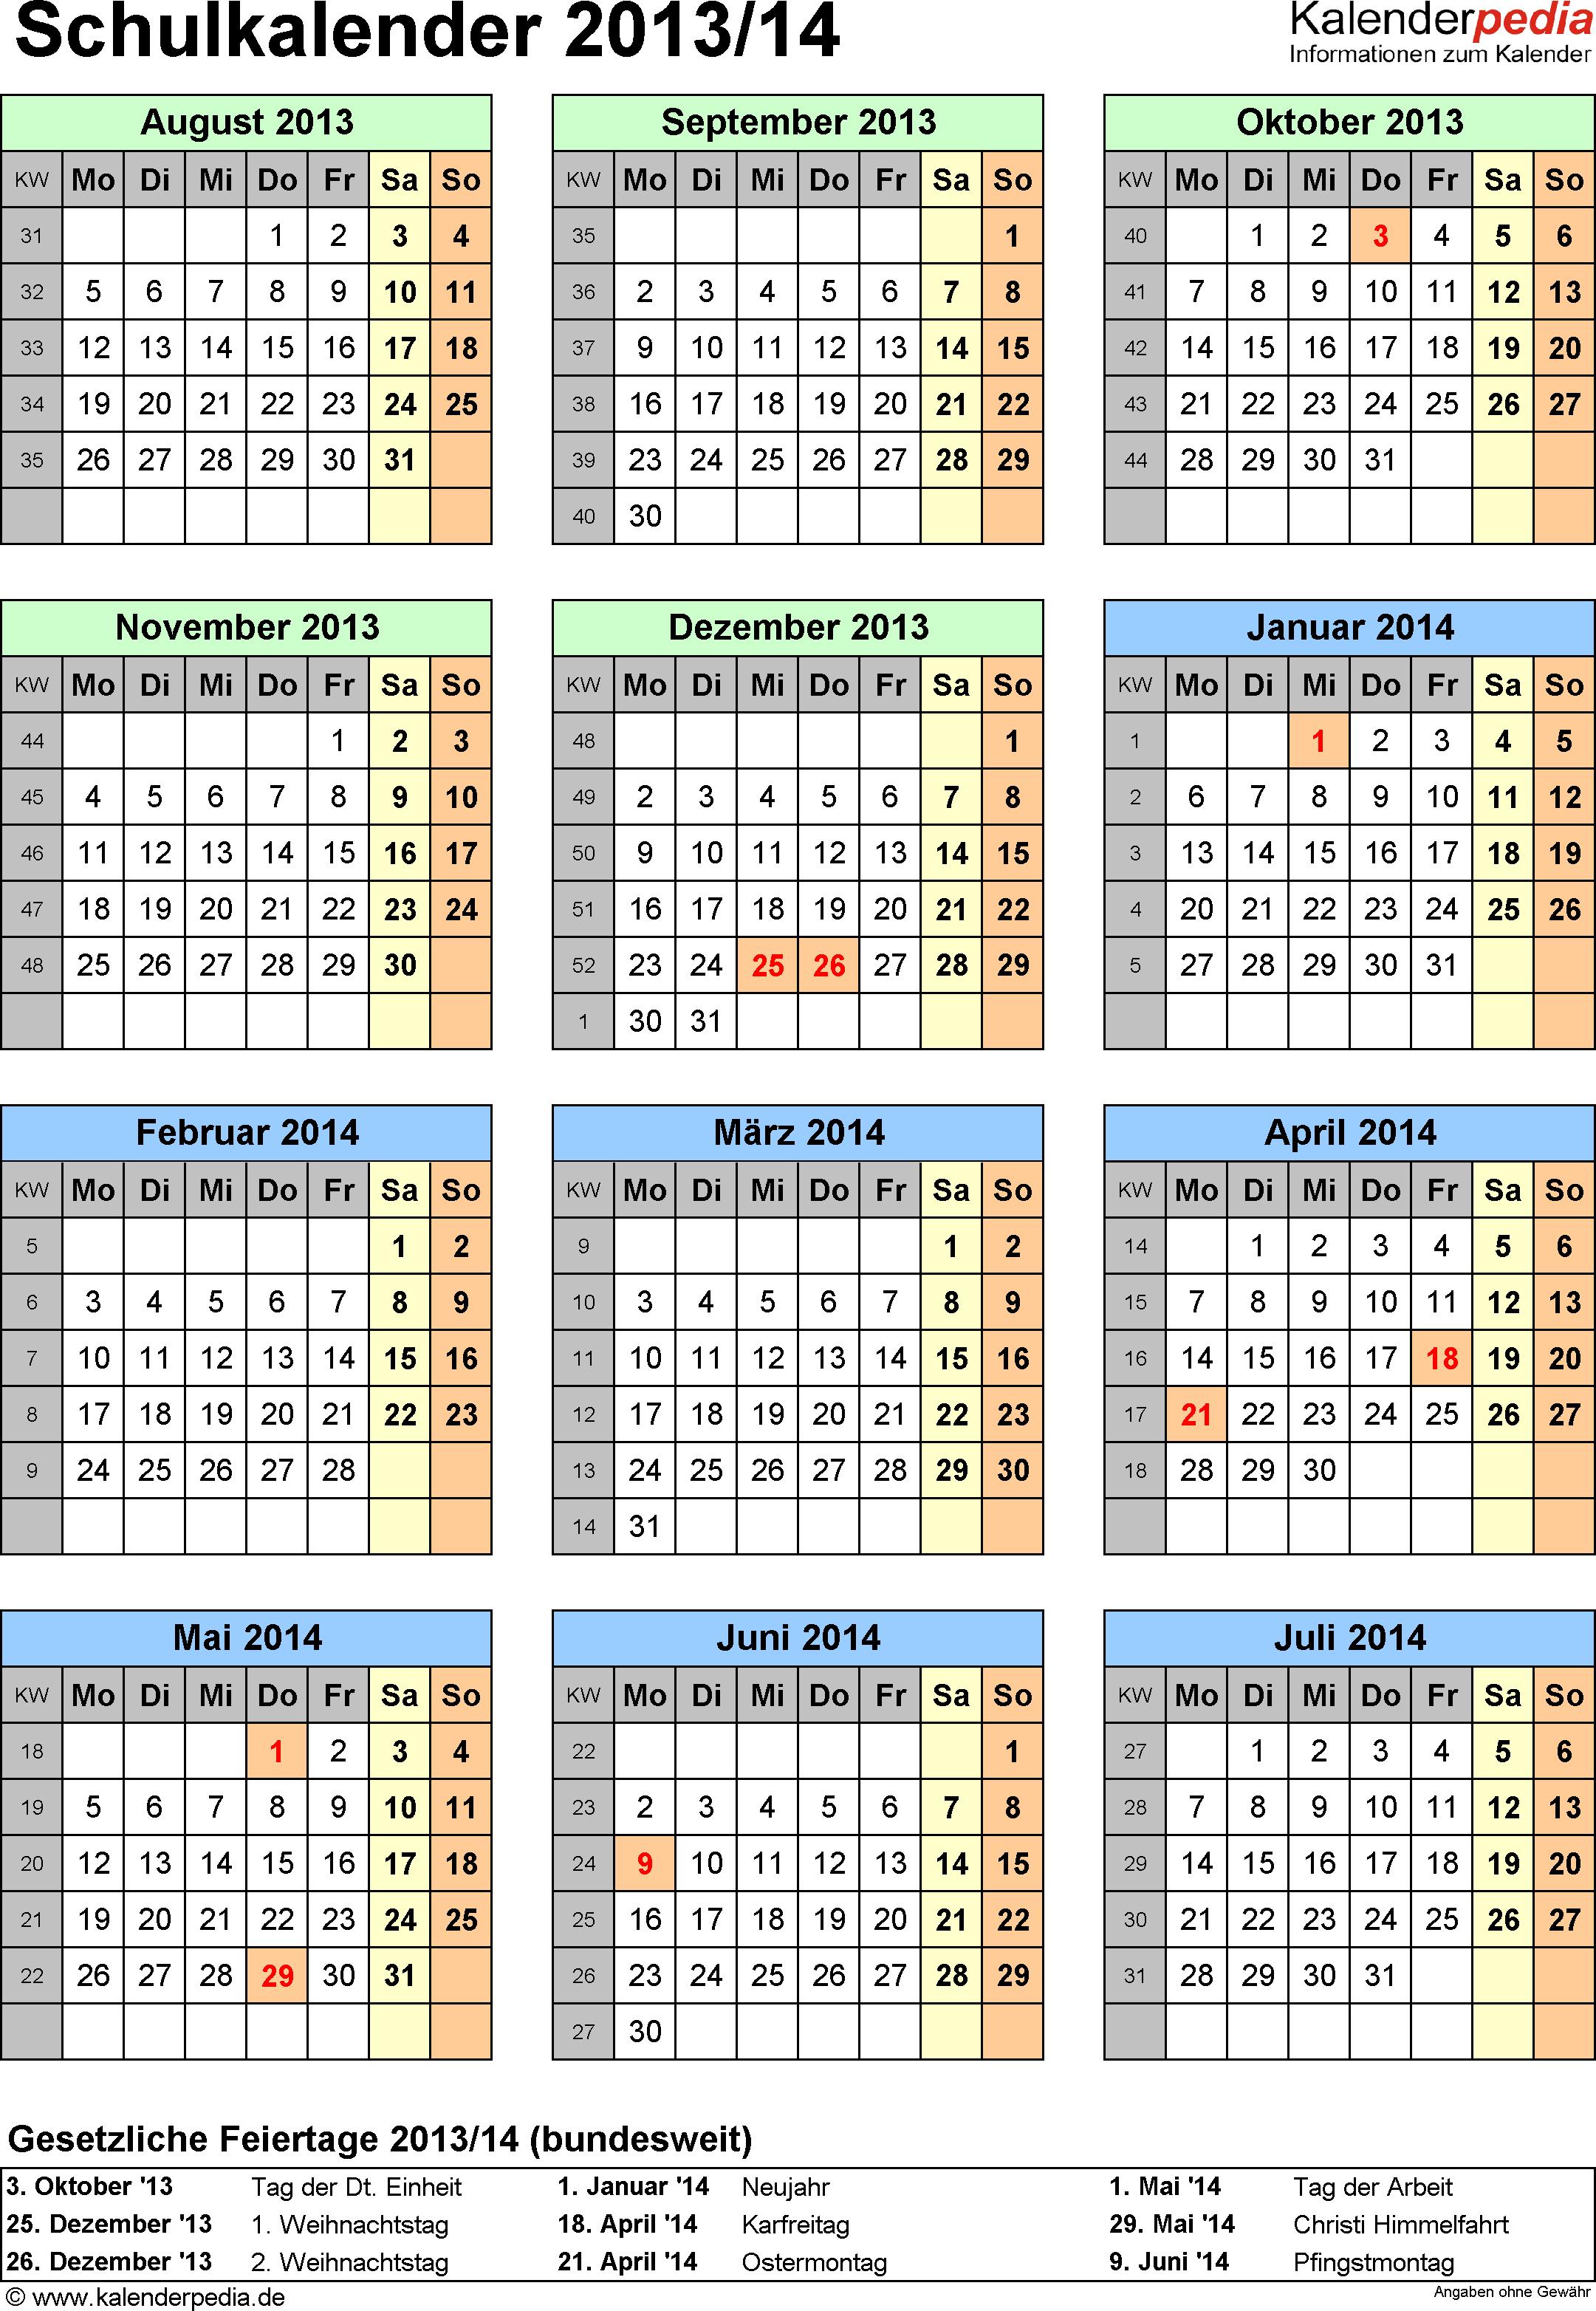 Vorlage 5: Schuljahreskalender 2013/2014 im Hochformat, Jahresübersicht